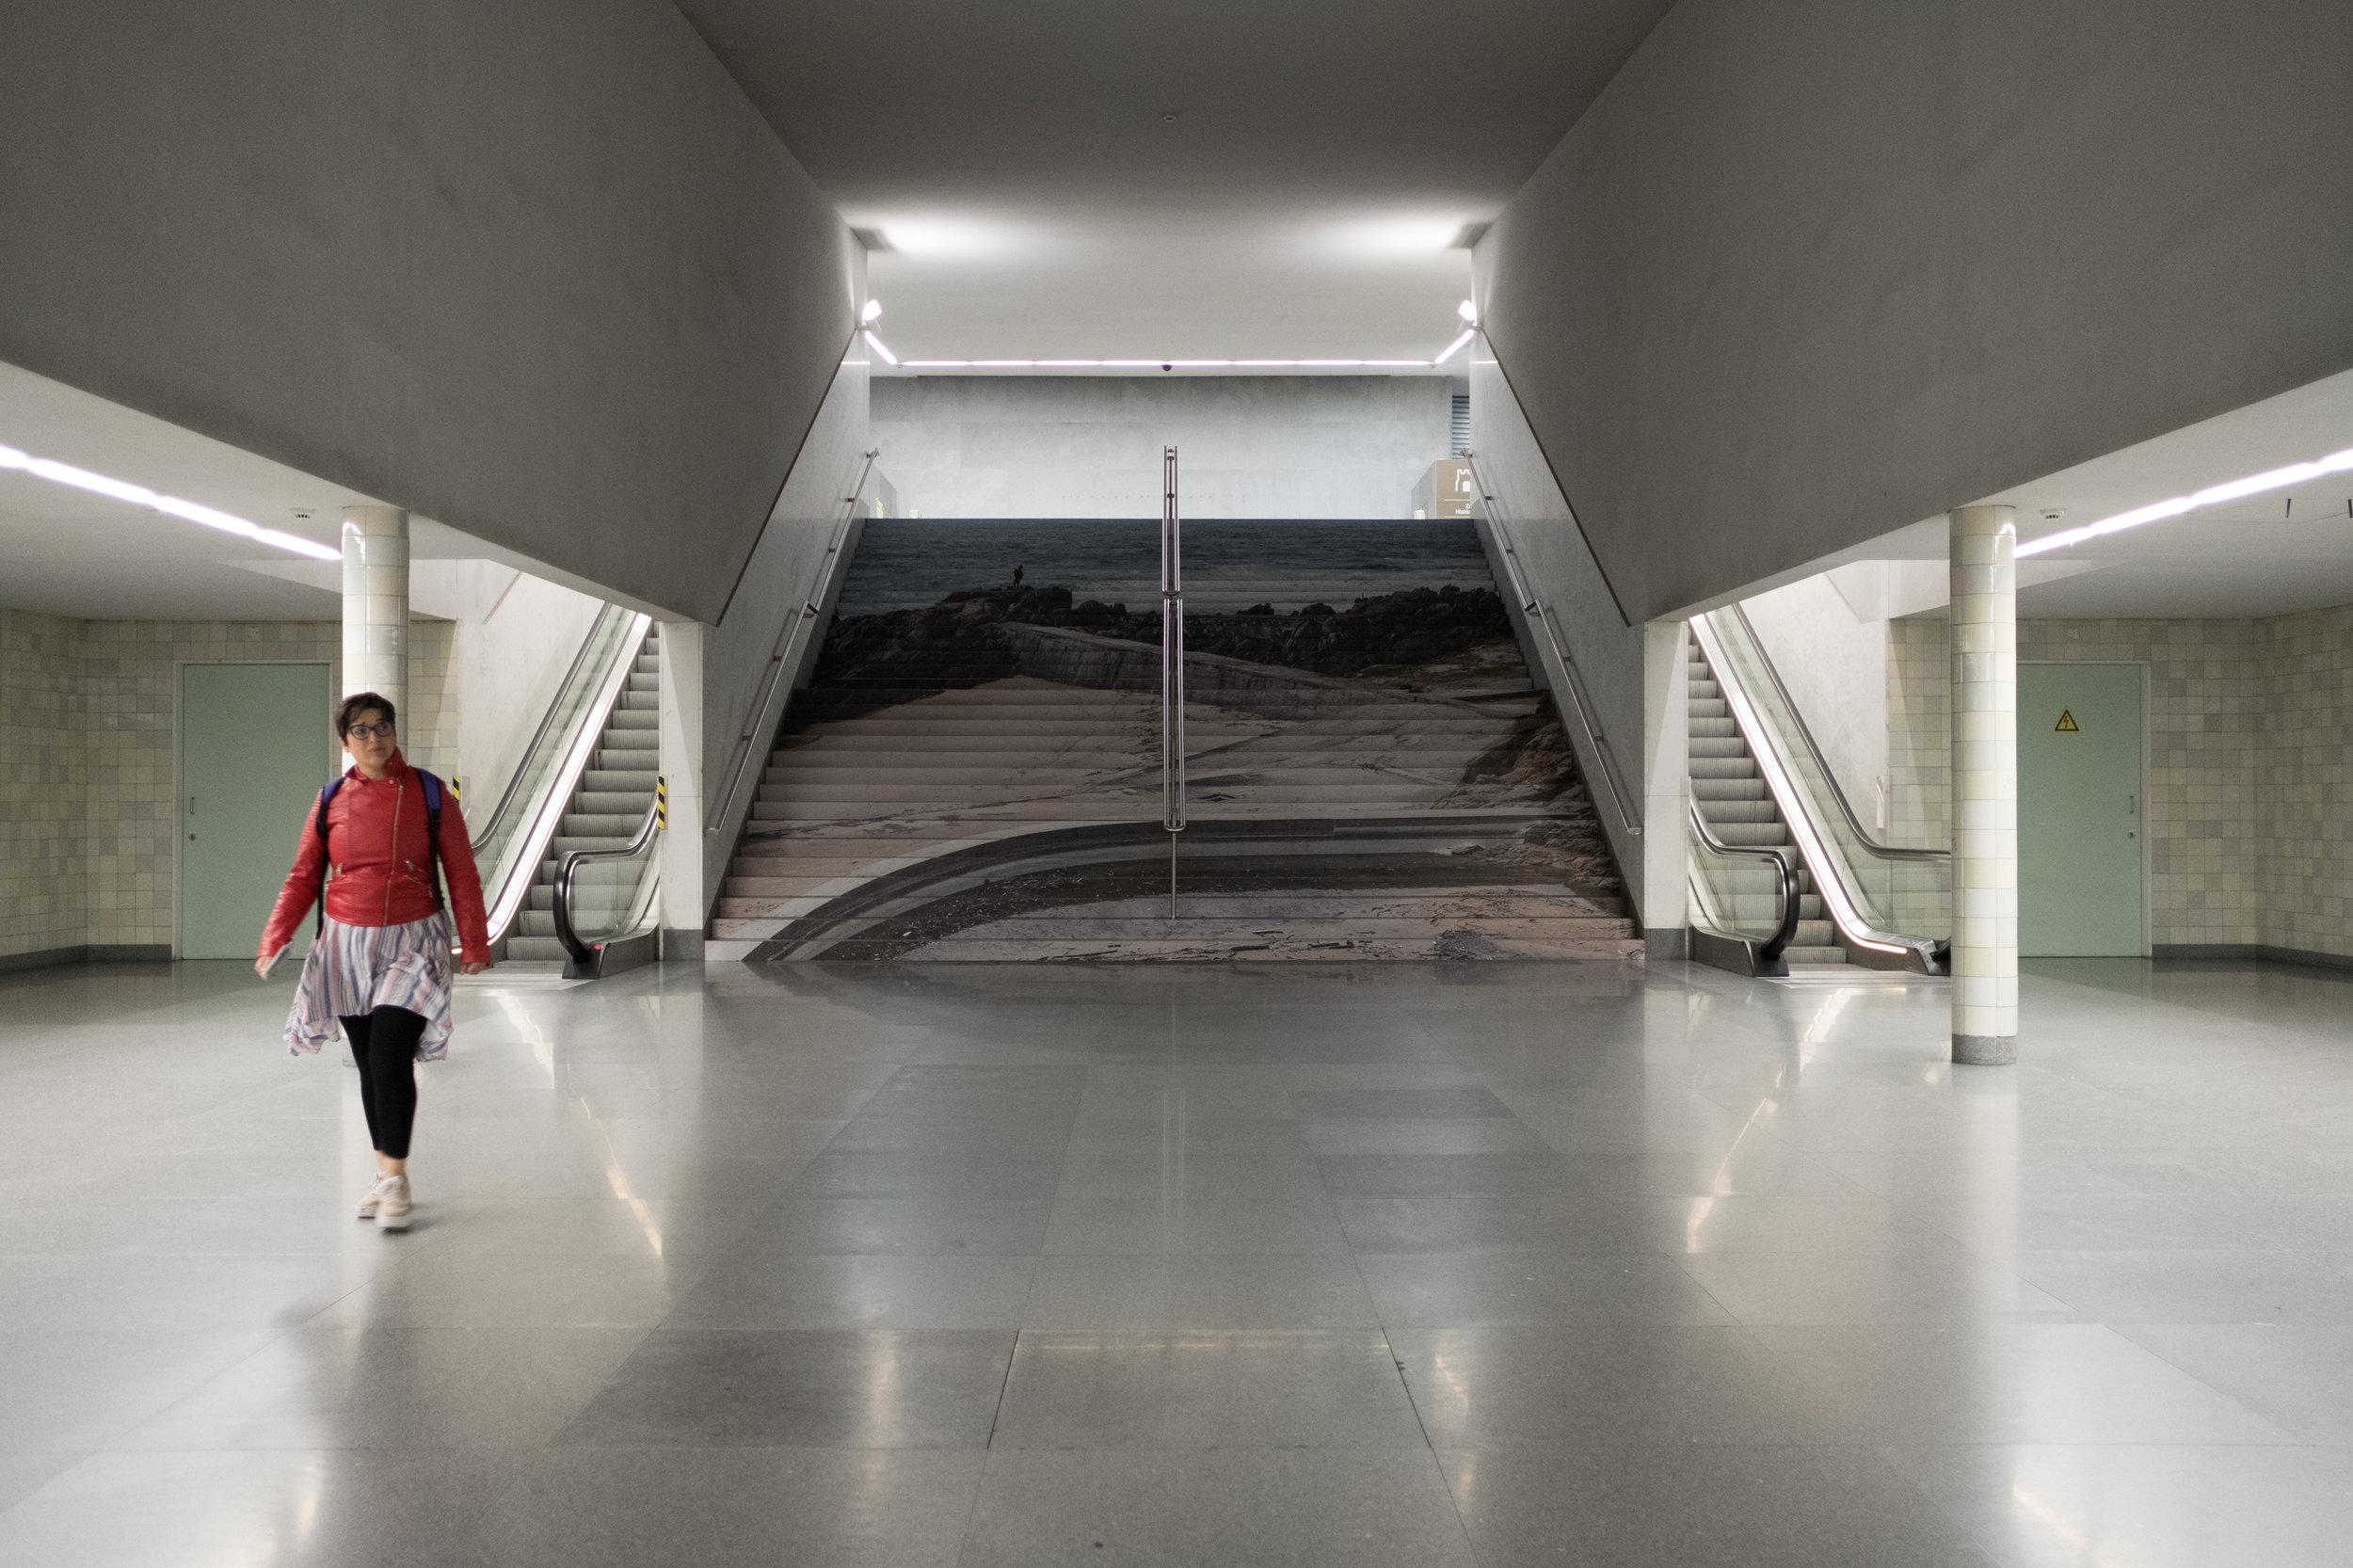 Visita Guiadas com Autores: Visual Spaces of Change / Ci.CLO Bienal Fotografia do Porto 2019: Estações de Metro da Avenida dos Aliados e São Bento, Biblioteca Almeida Garrett, OASRN